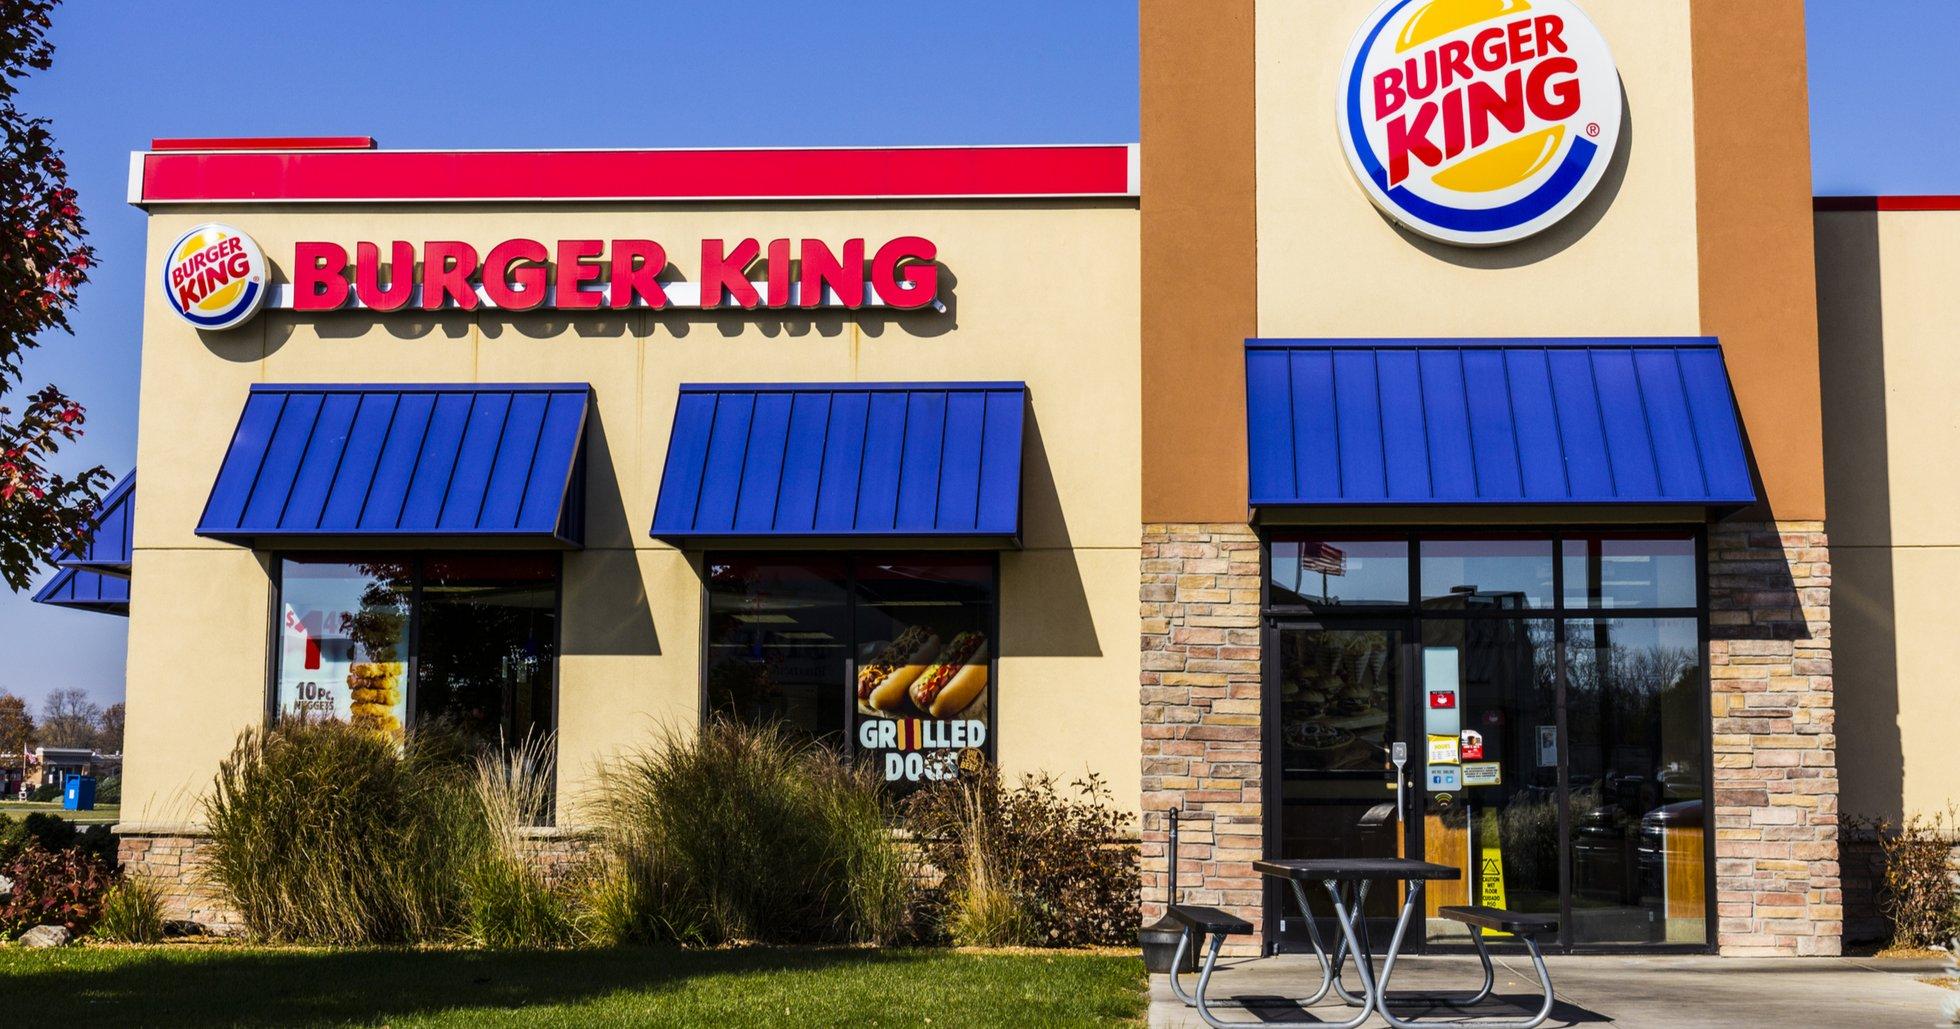 Burger King i Venezuela börjar acceptera bitcoin som betalmedel.